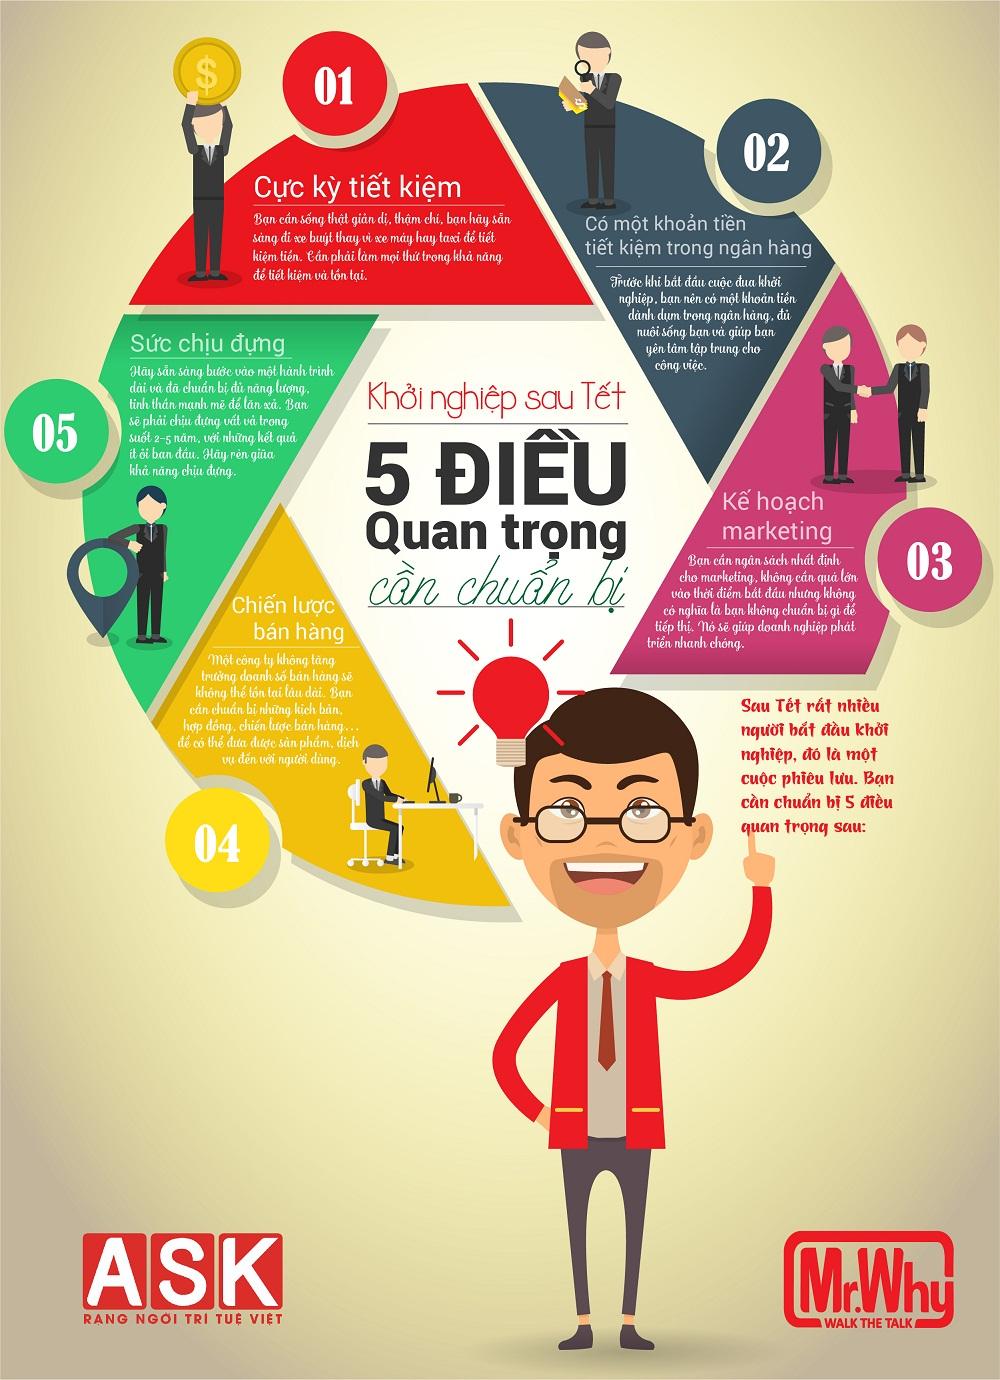 5 điều cần chuẩn bị để khởi nghiệp sau Tết